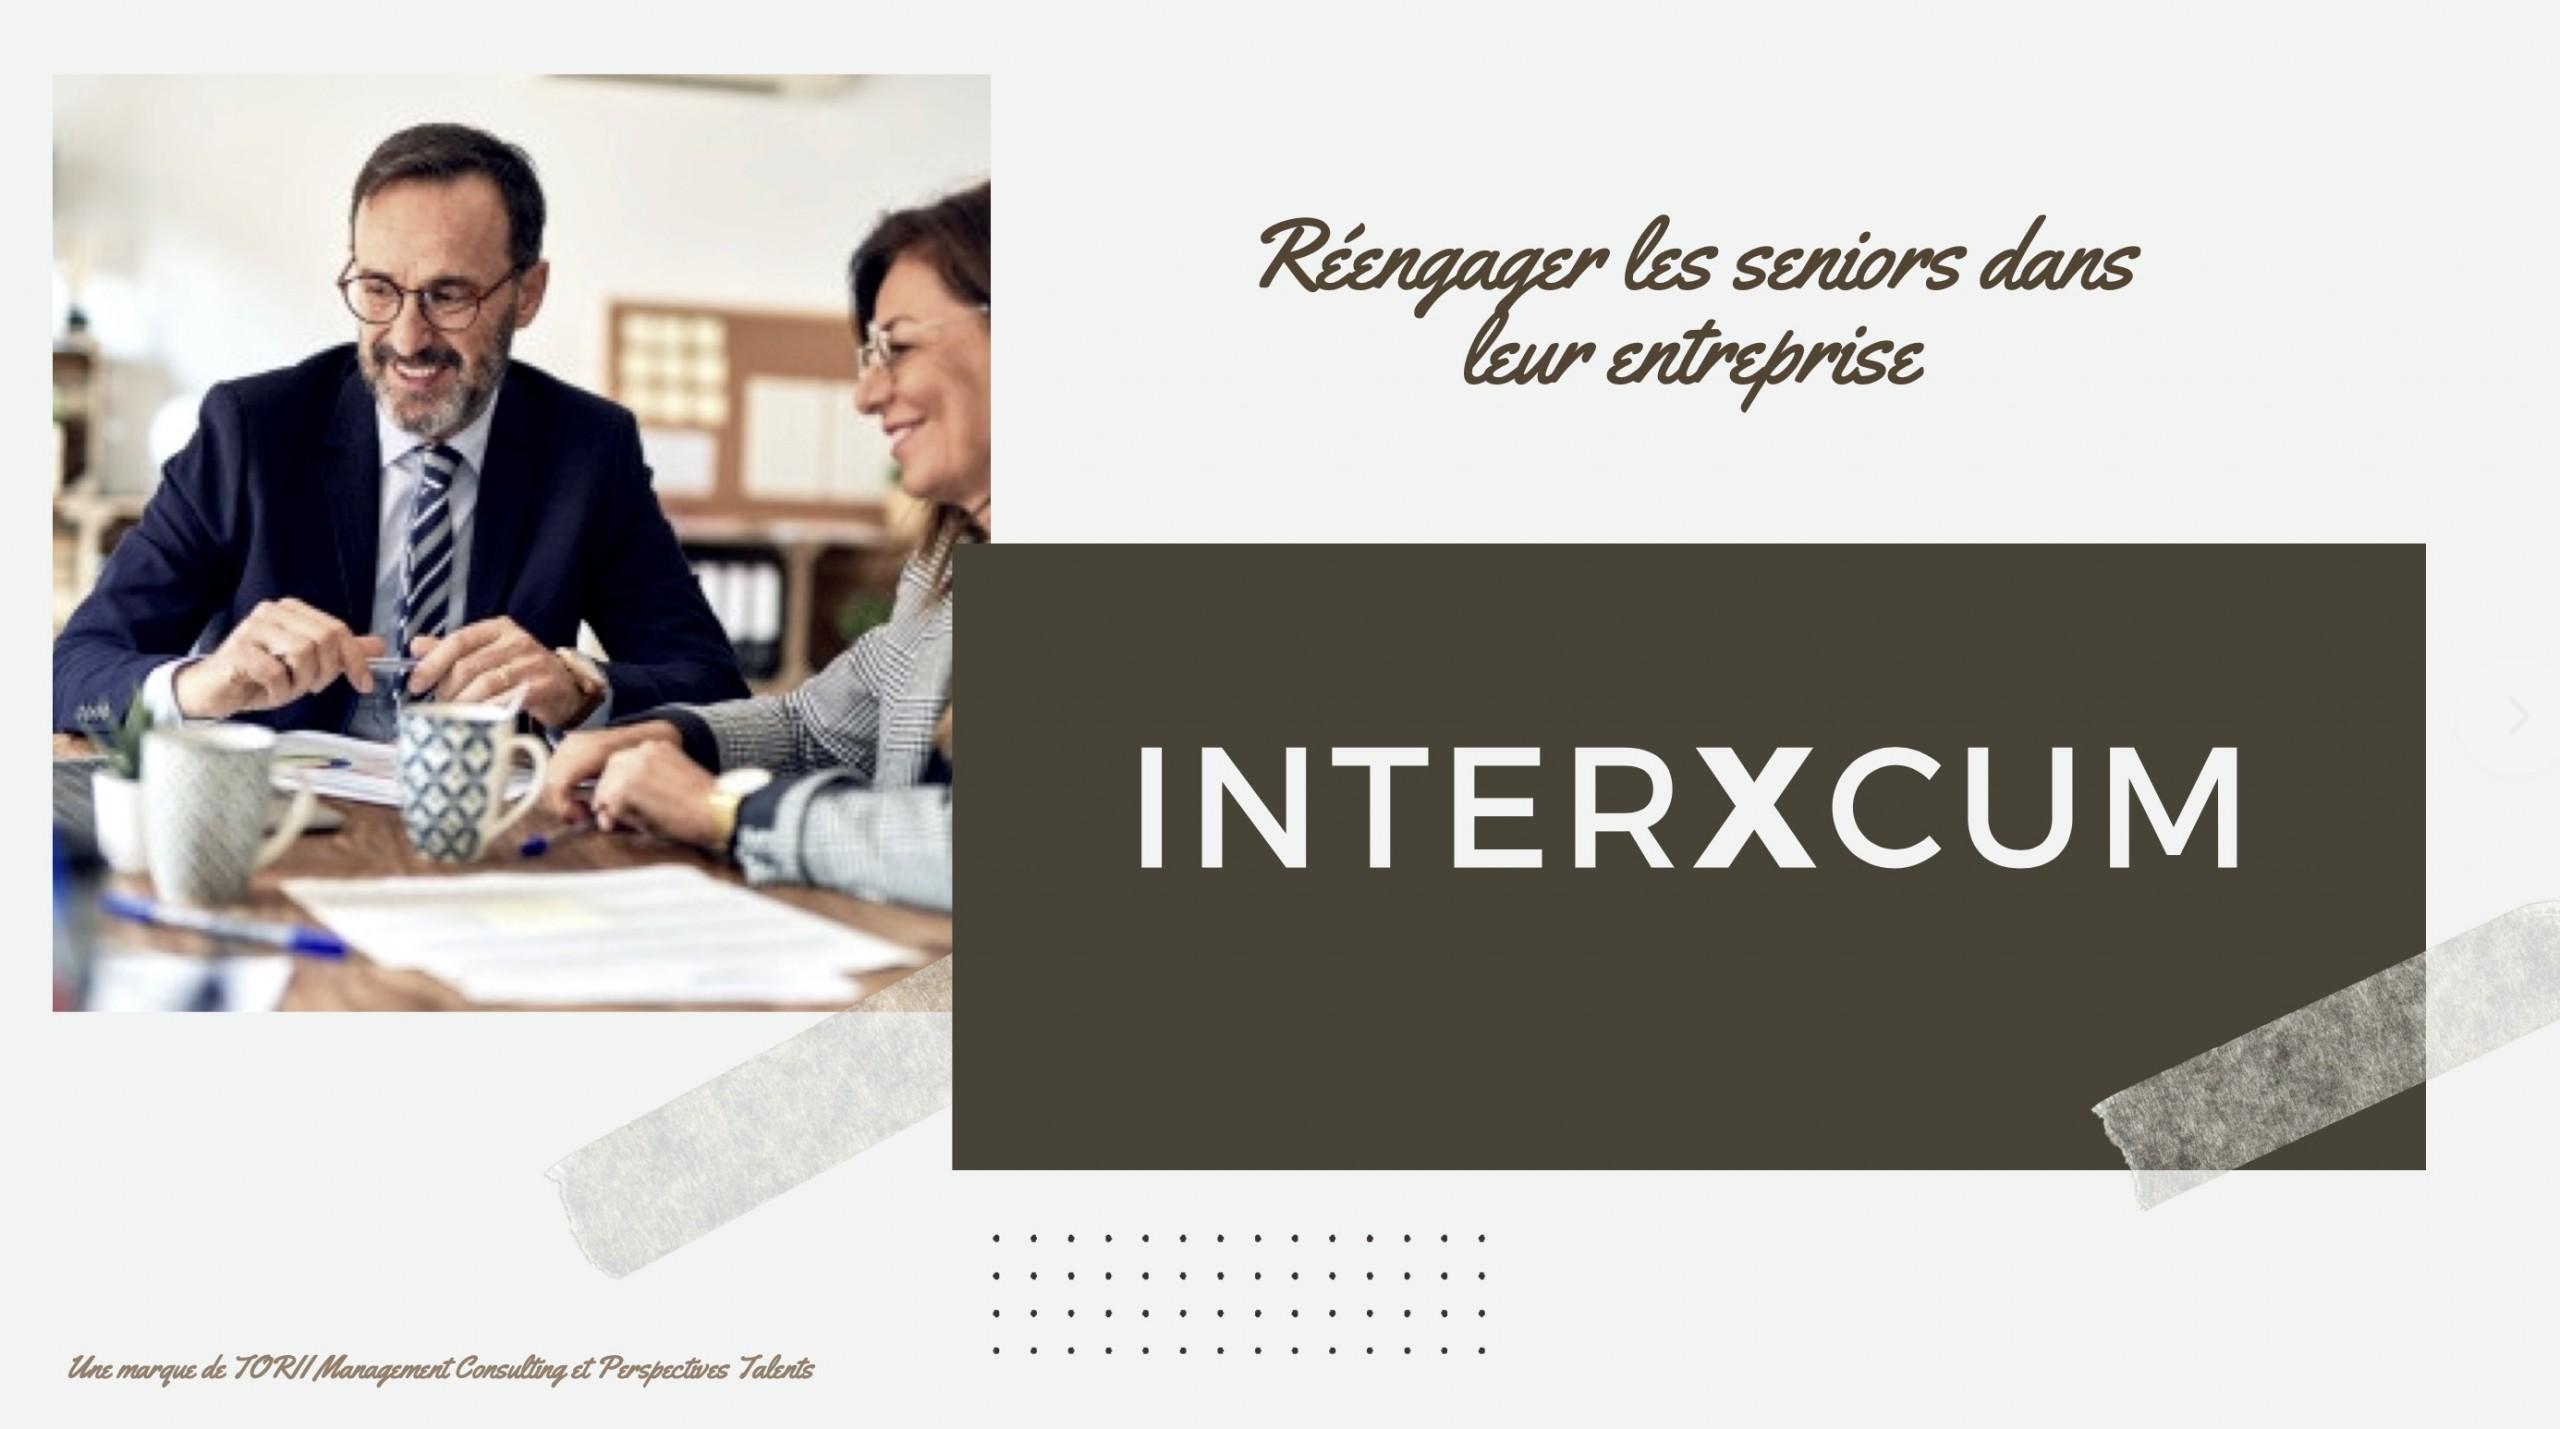 InterXcum